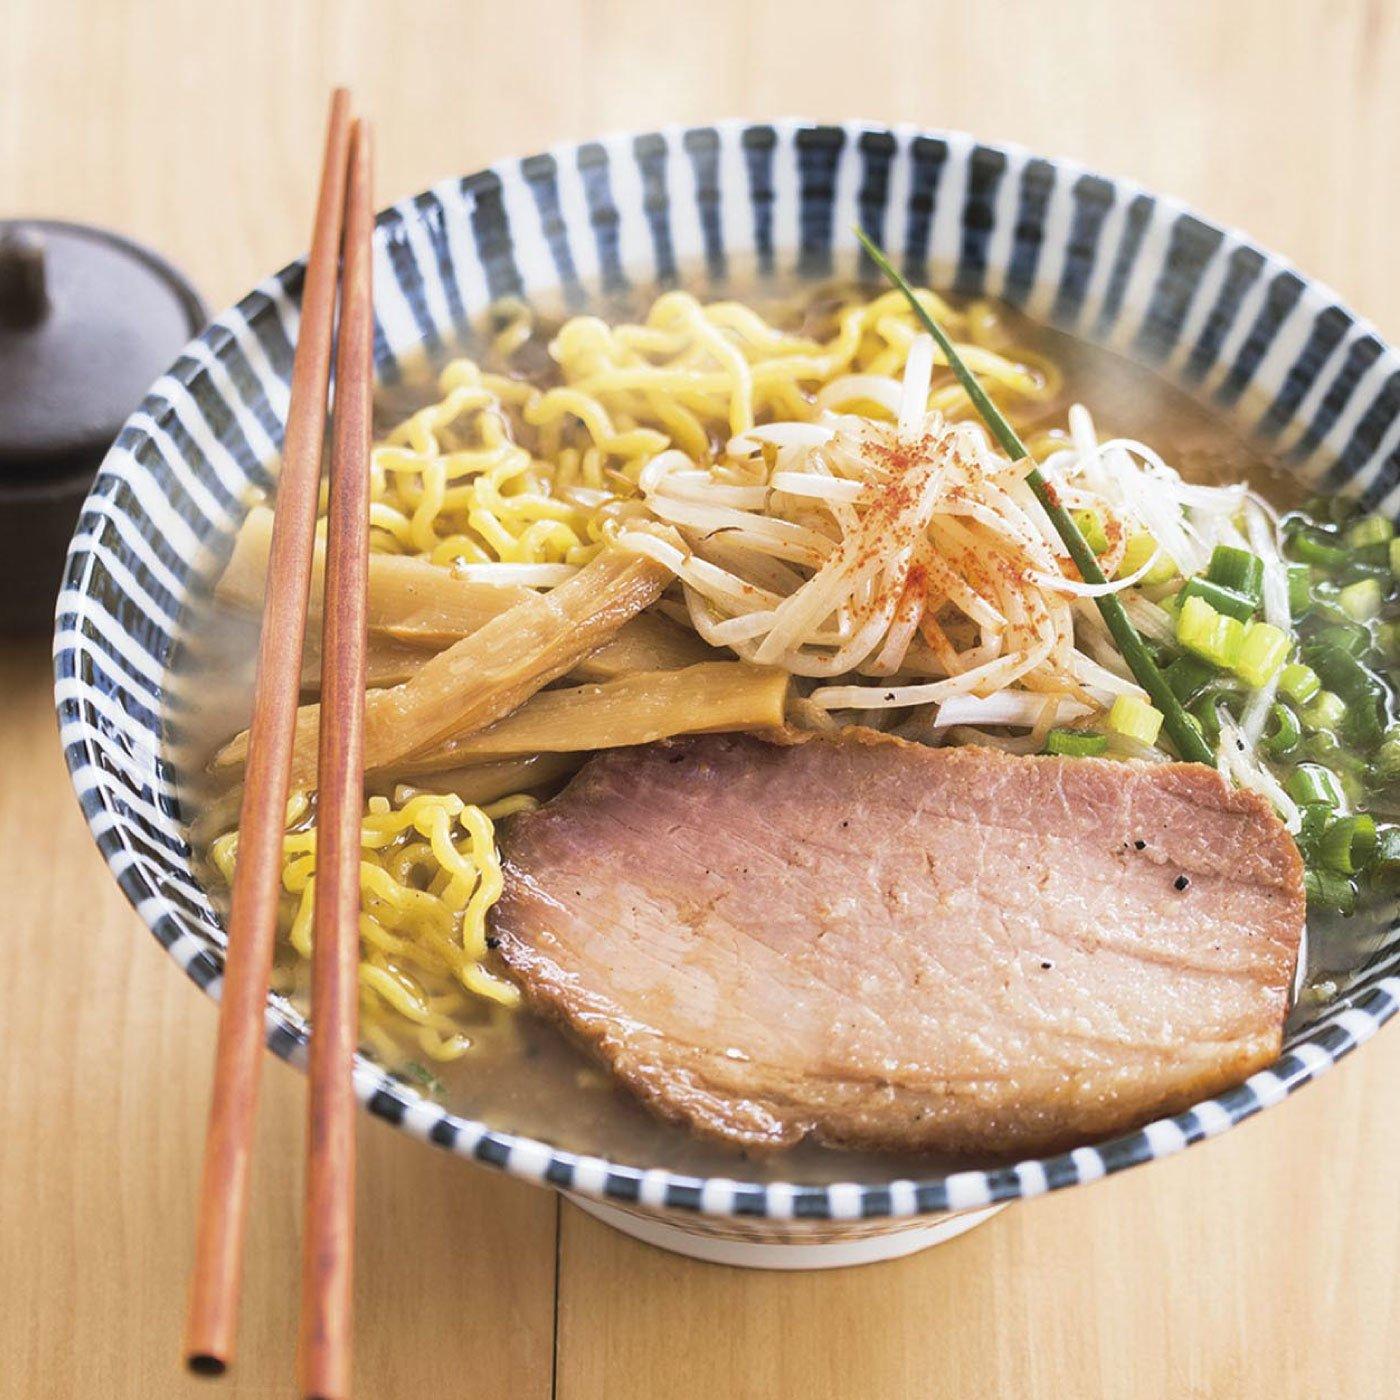 北海道人気らーめん店の味札幌直伝屋味噌(2食×2)